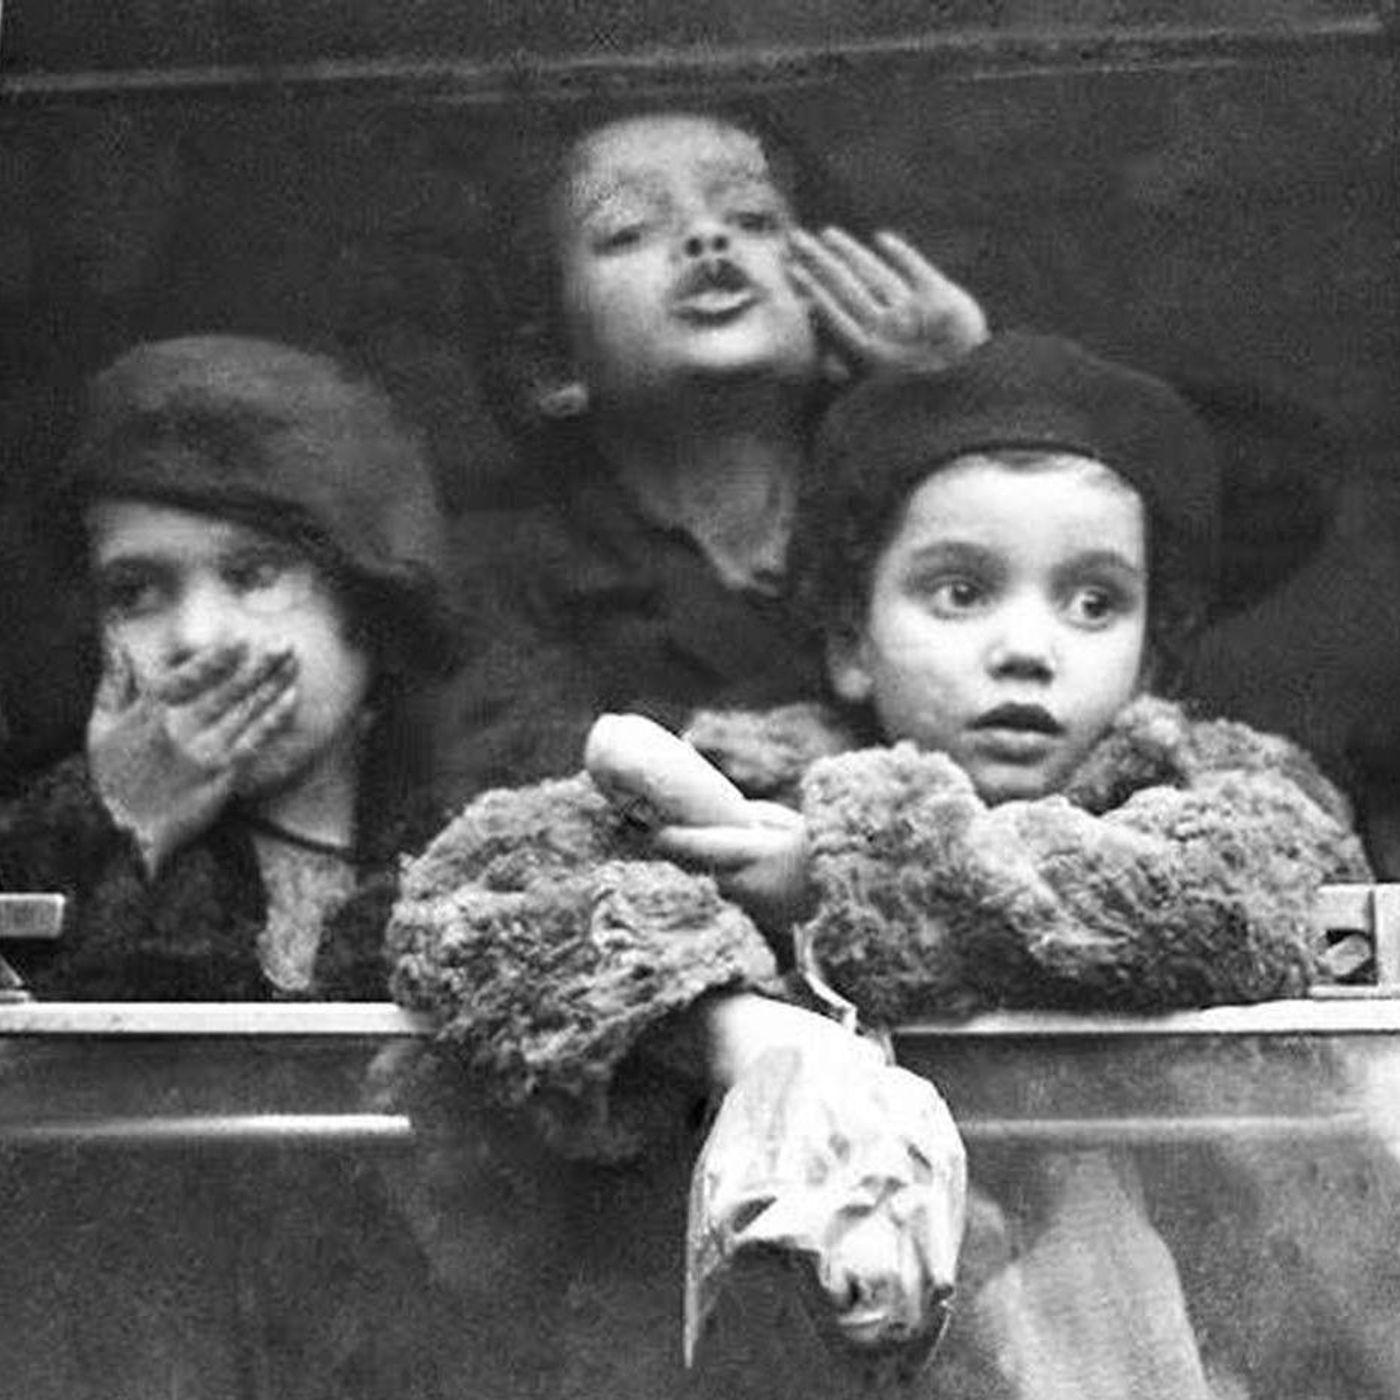 Gyermekvédelmi akció a világháborúk után - E21